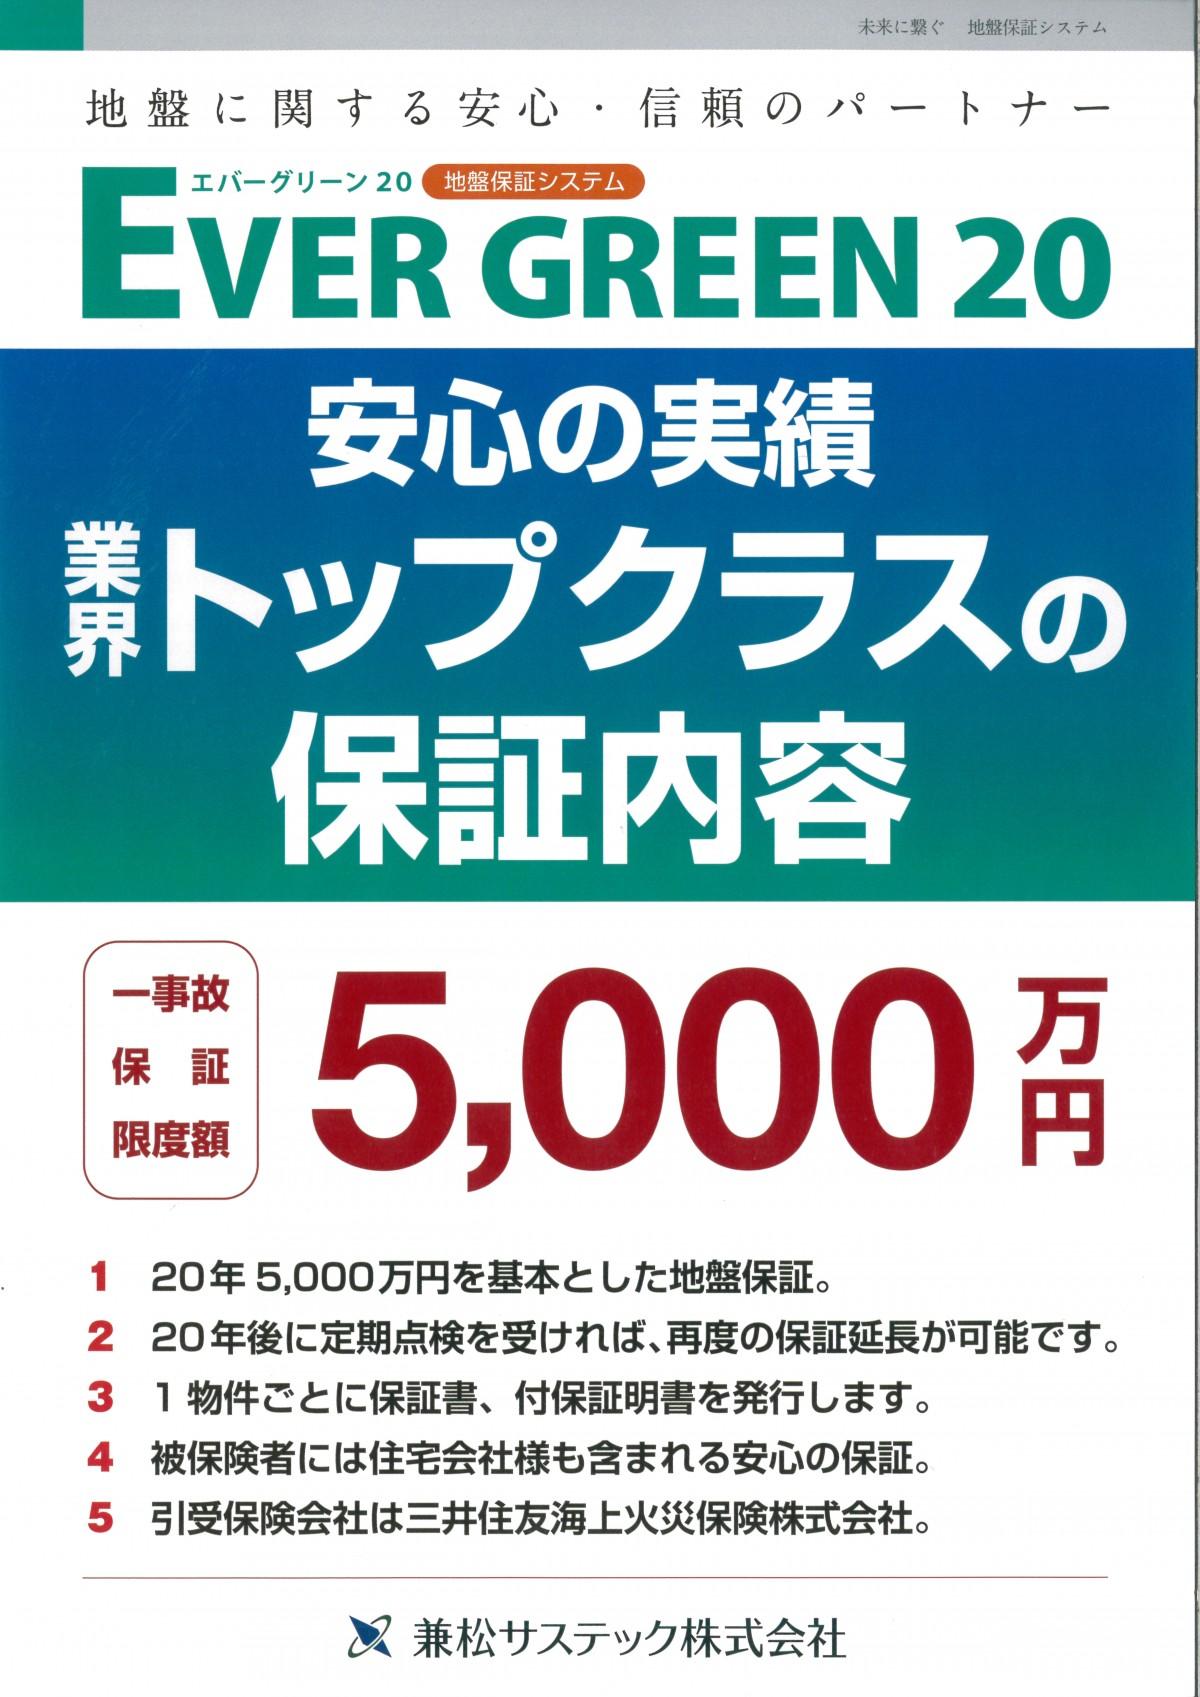 エバーグリーンパンフレット